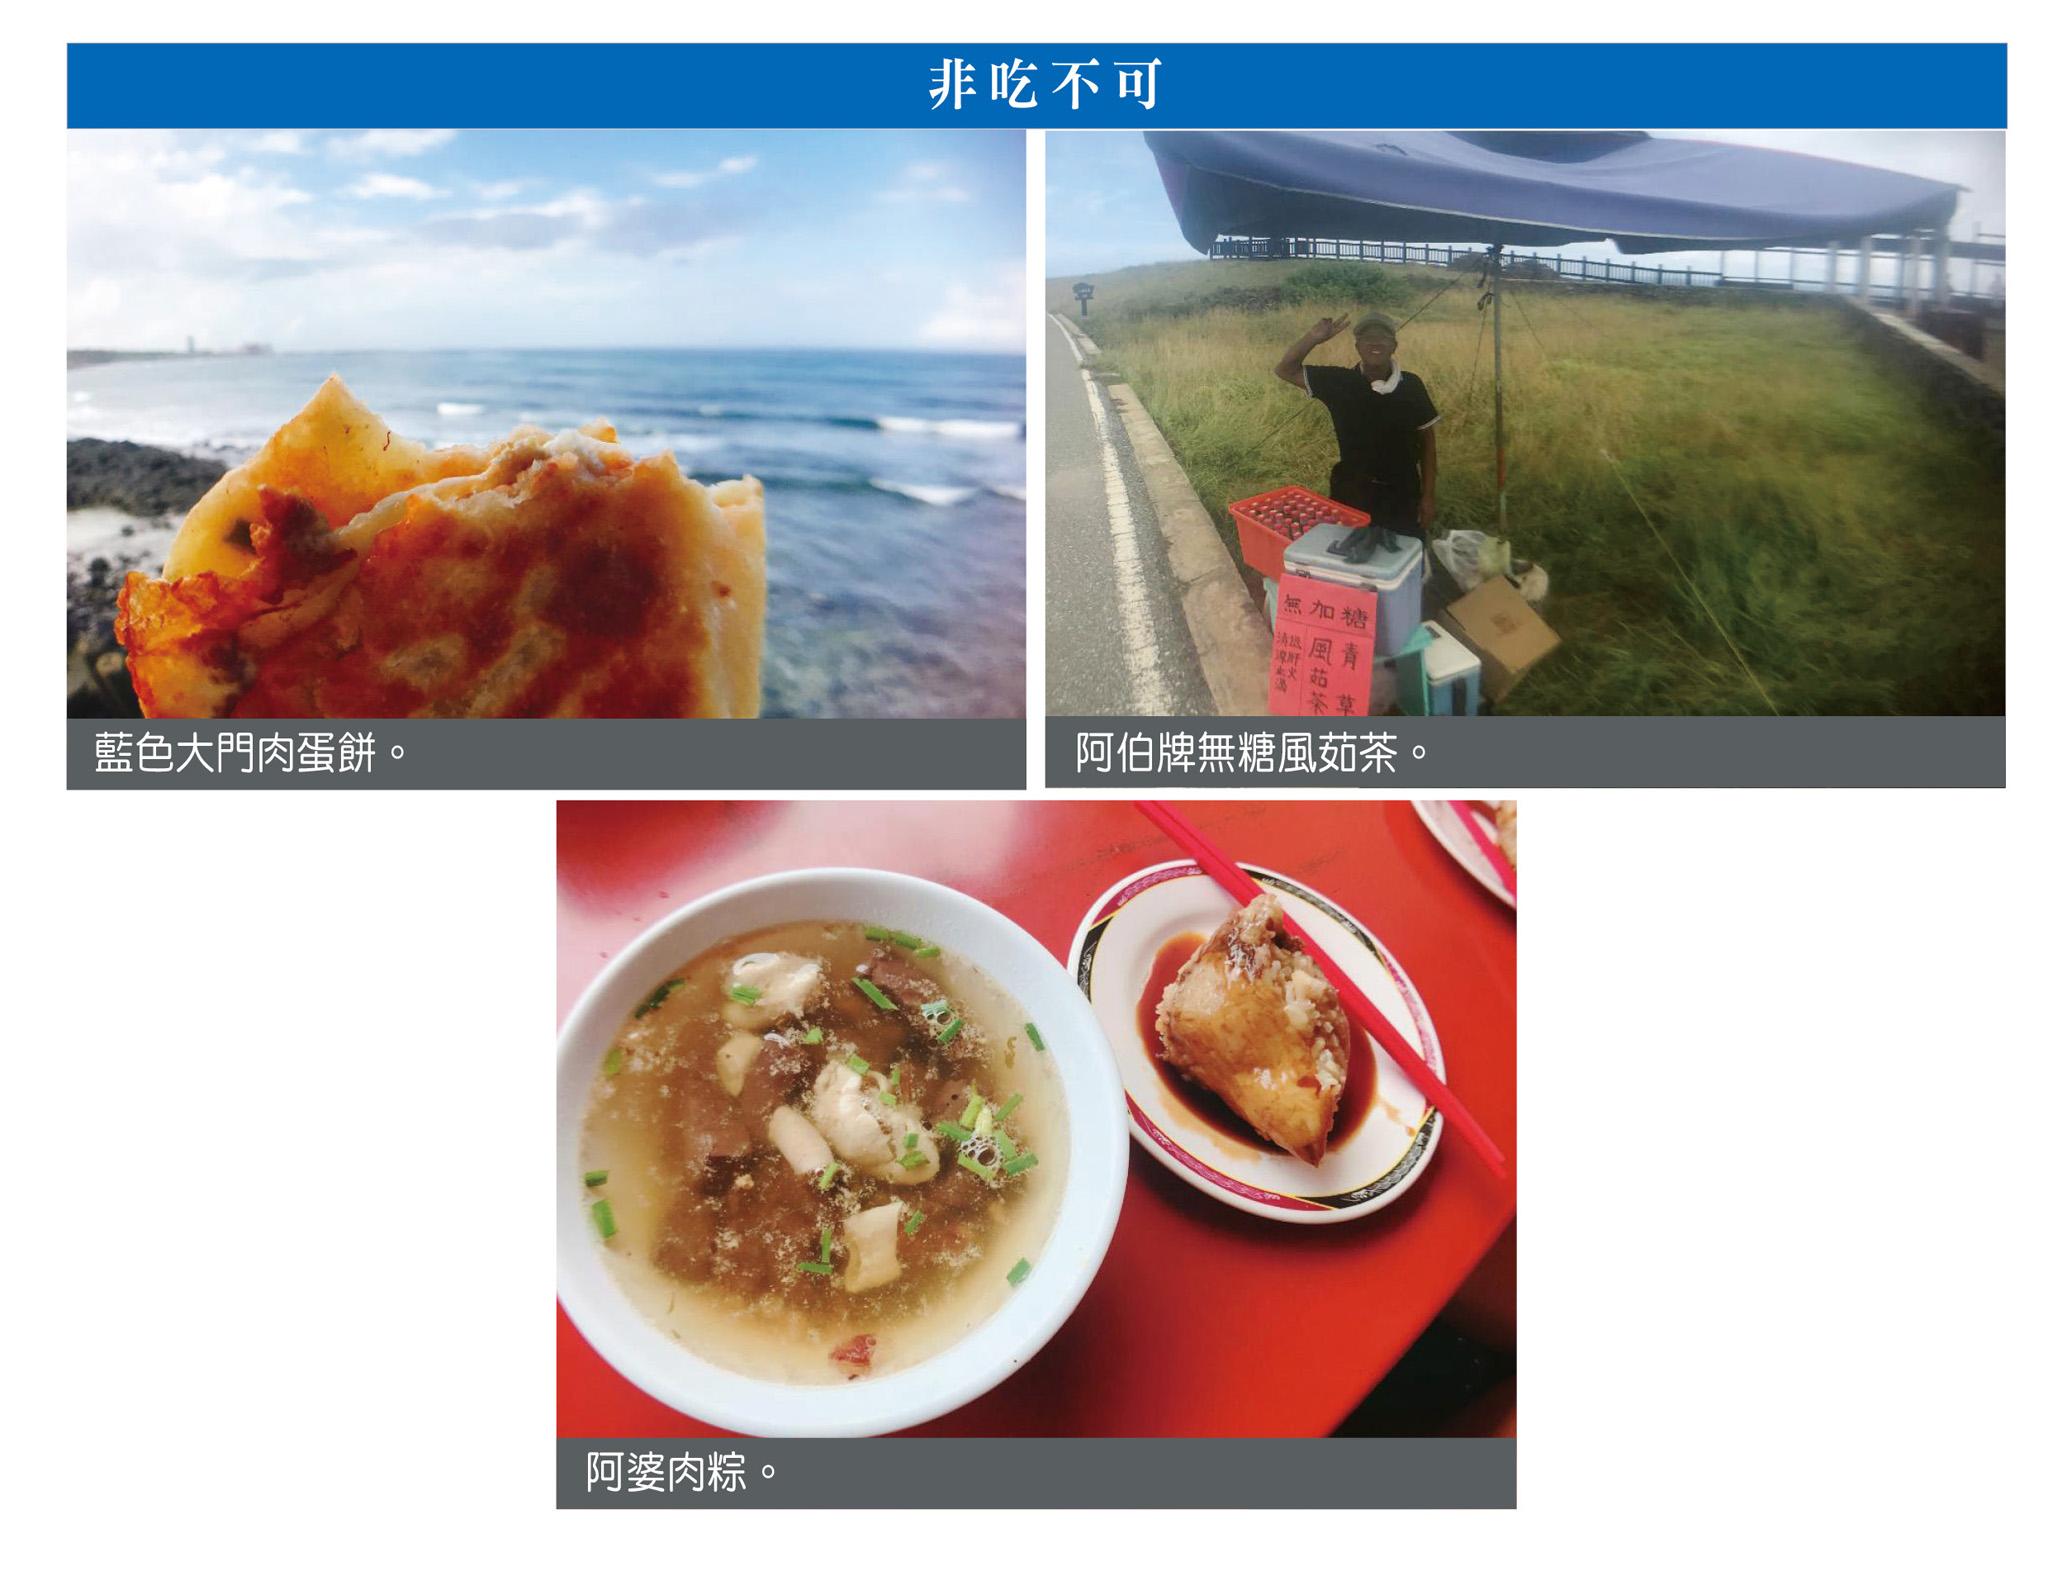 非吃不可:藍色大門肉蛋餅(左上)、阿伯牌無糖風茹茶(右上)、阿婆肉粽(下)。